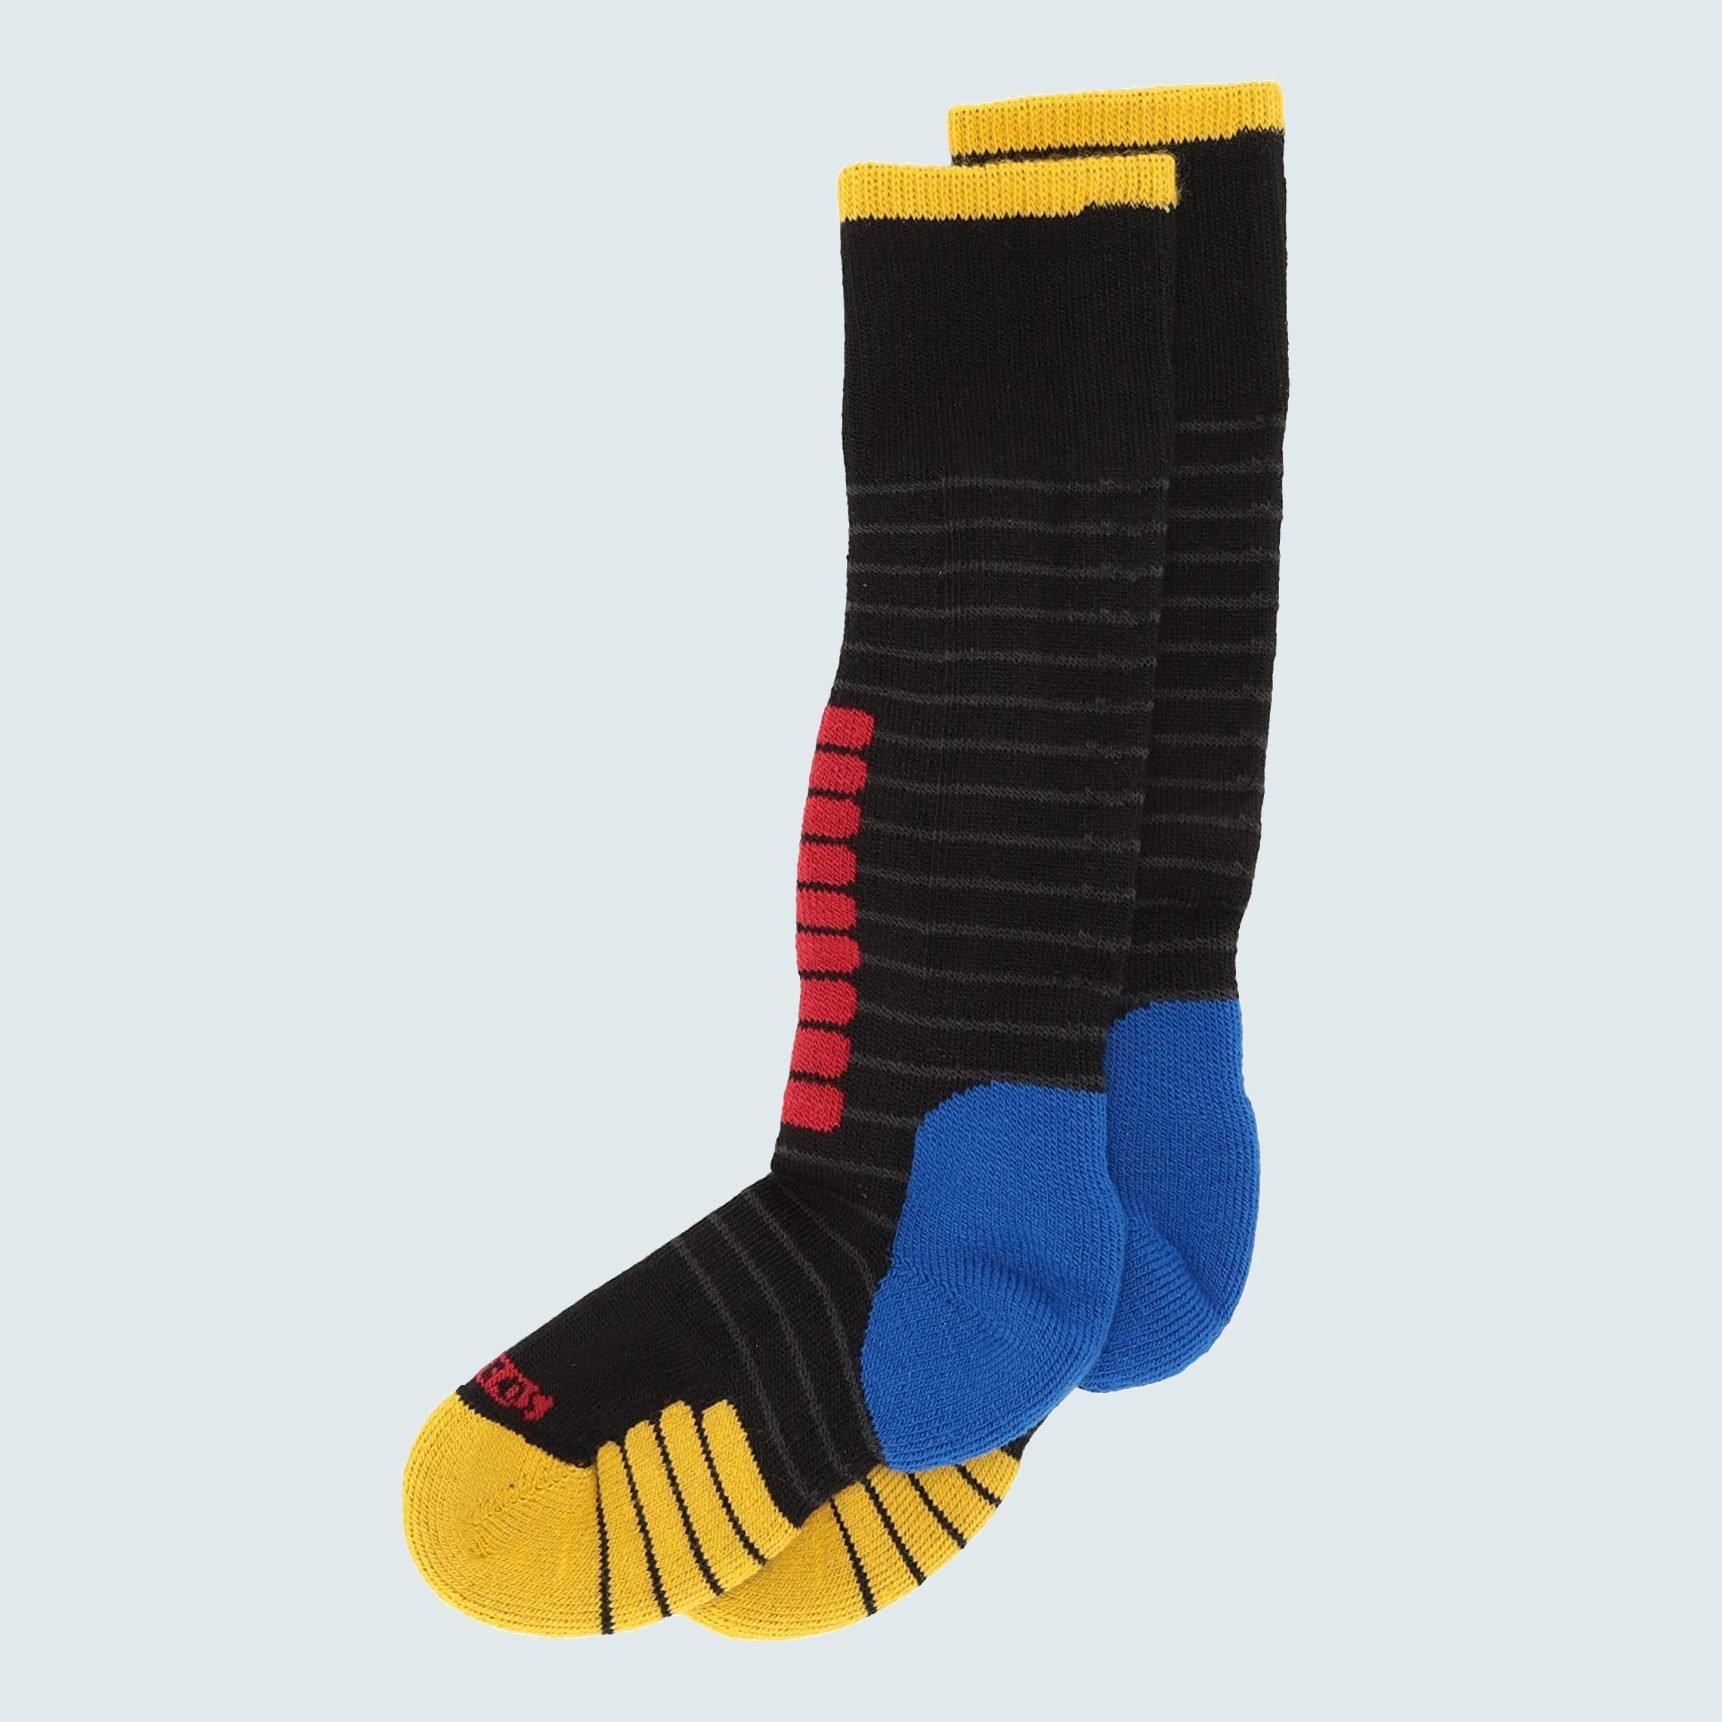 Eurosock Ski Socks